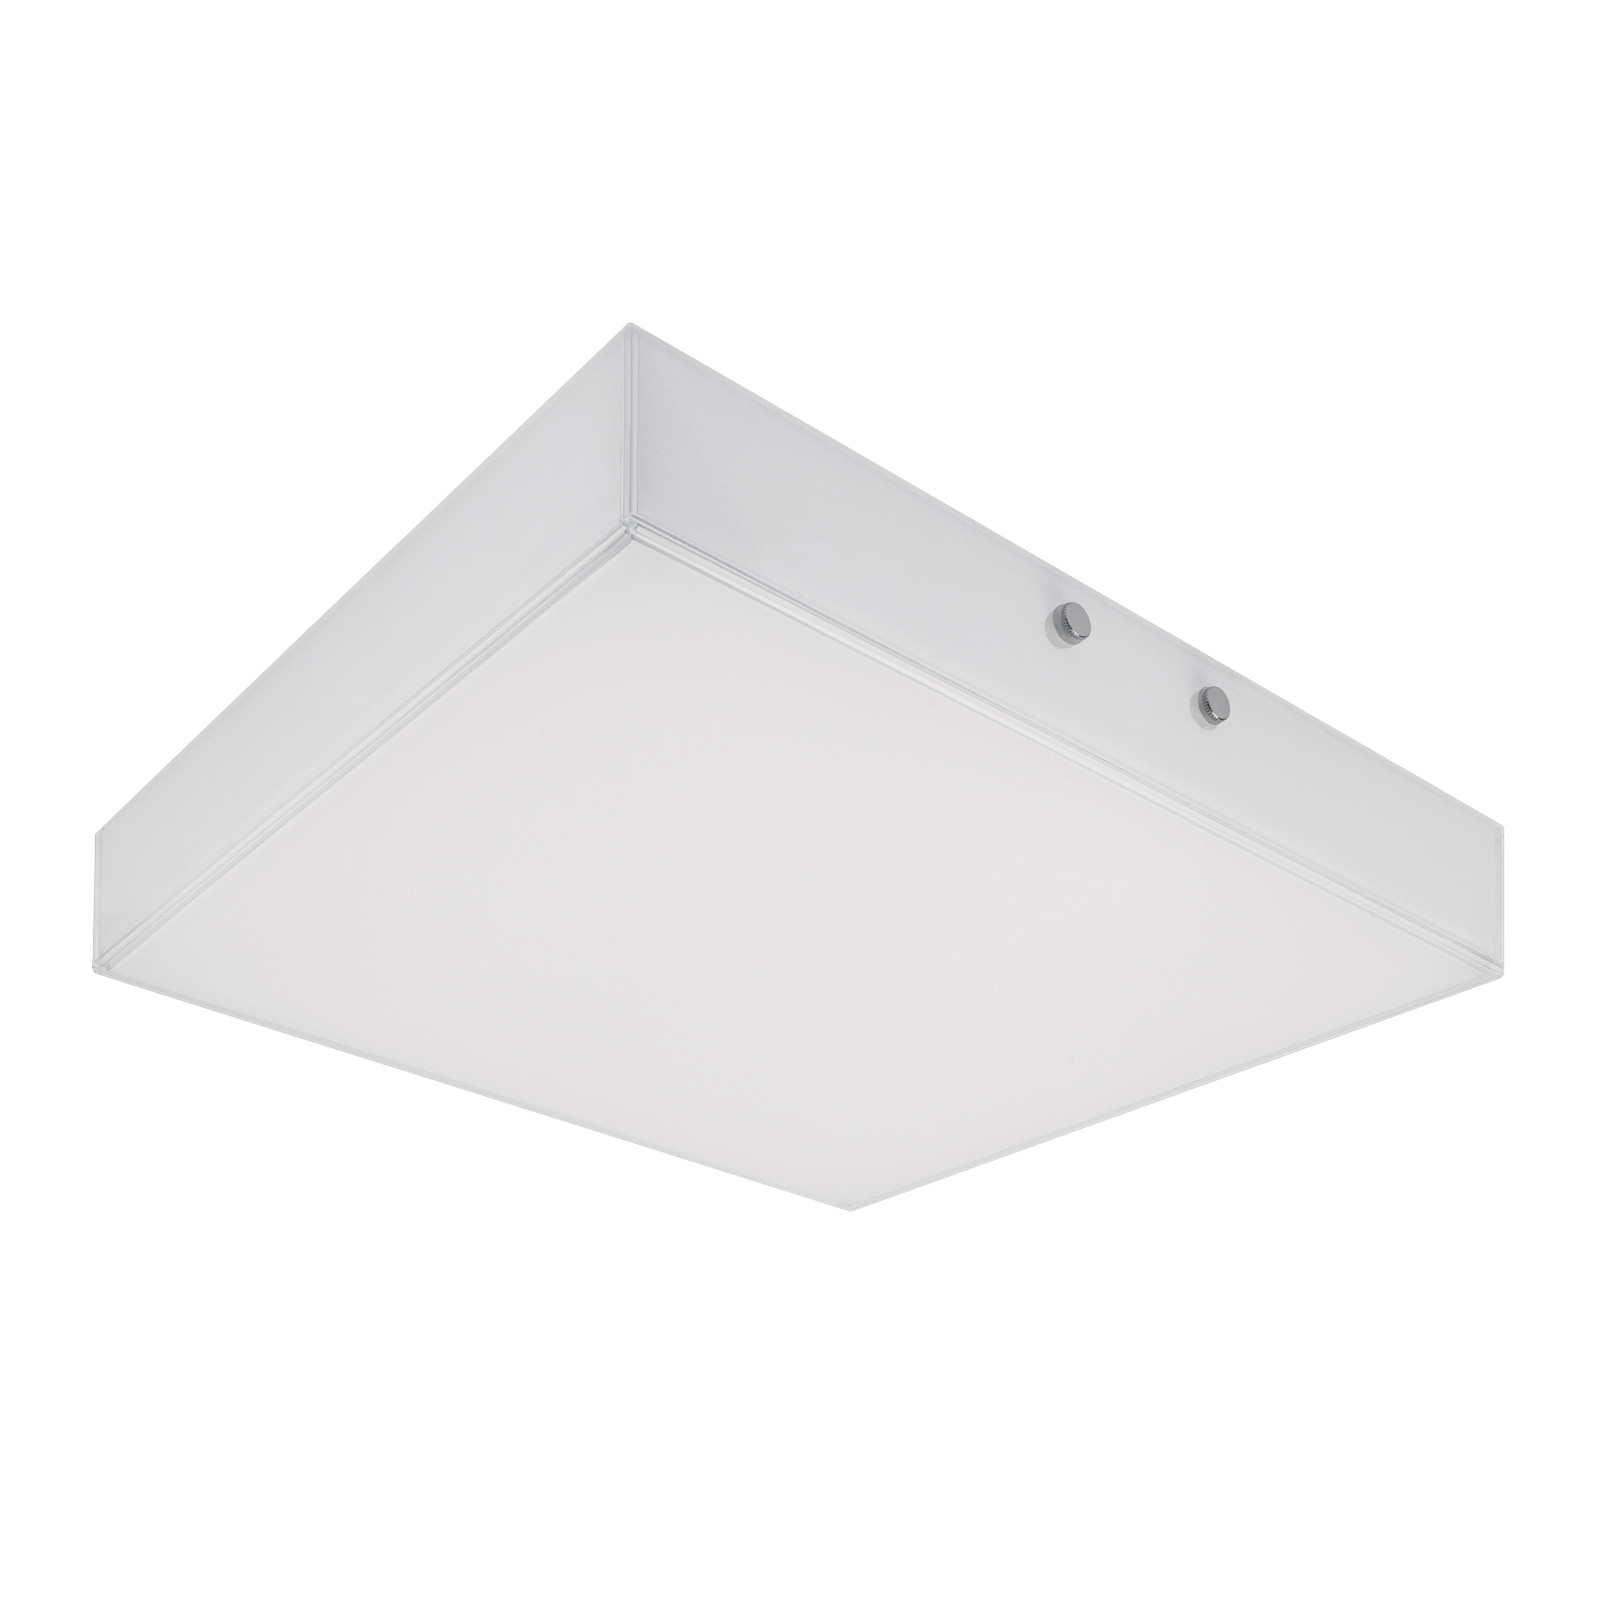 LEDVANCE Lunive Quadro plafondlamp 30 cm 3.000 K